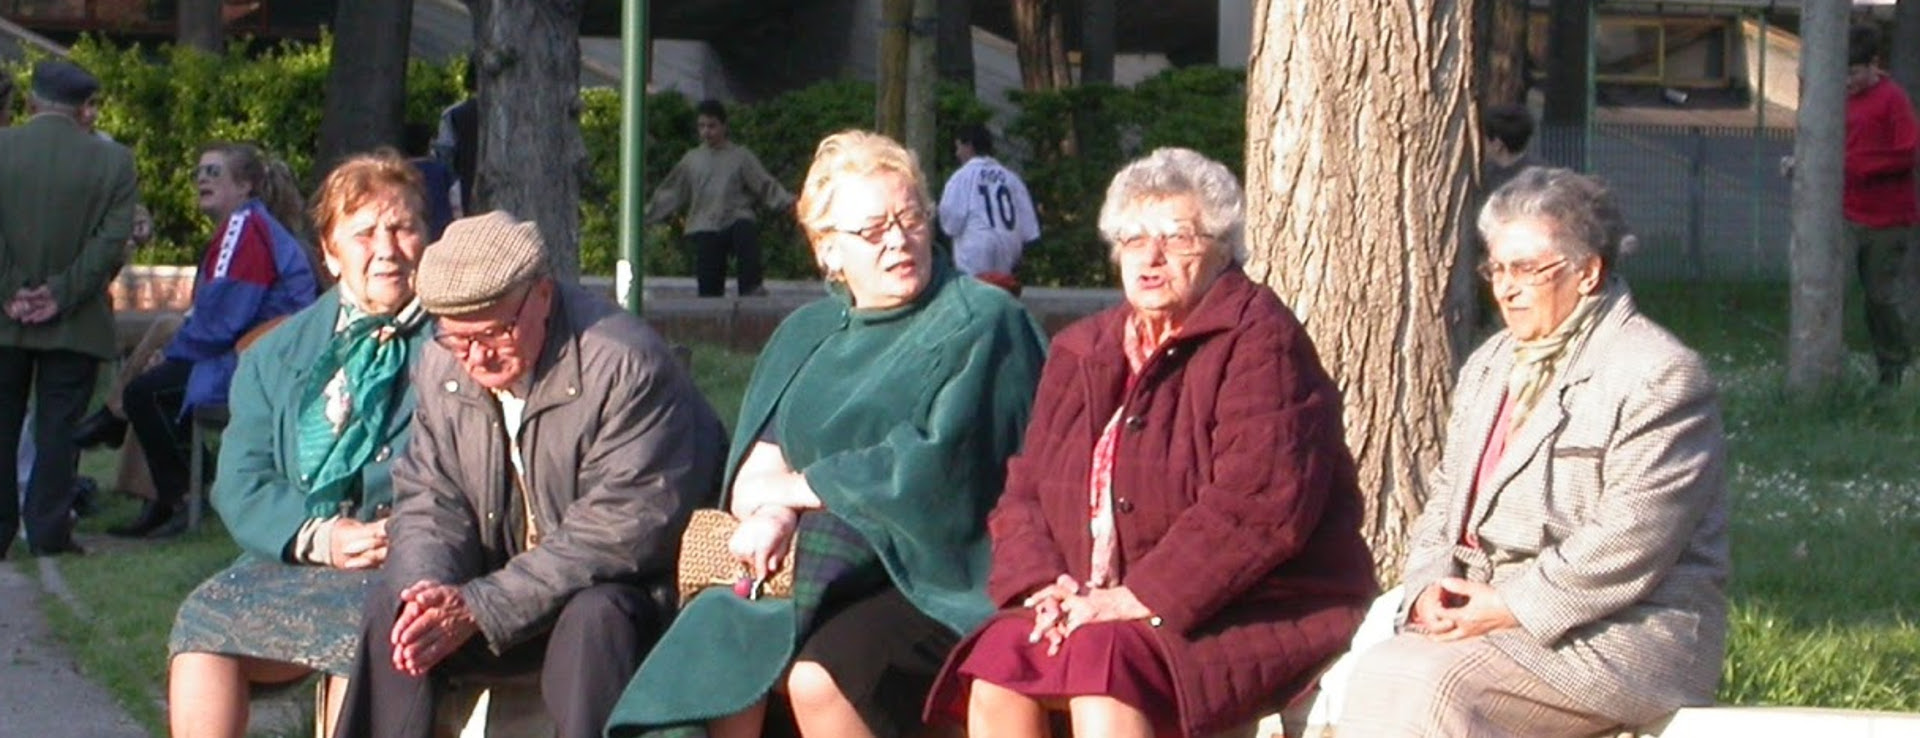 Anziani al parco - Archivio Città metropolitana di Bologna